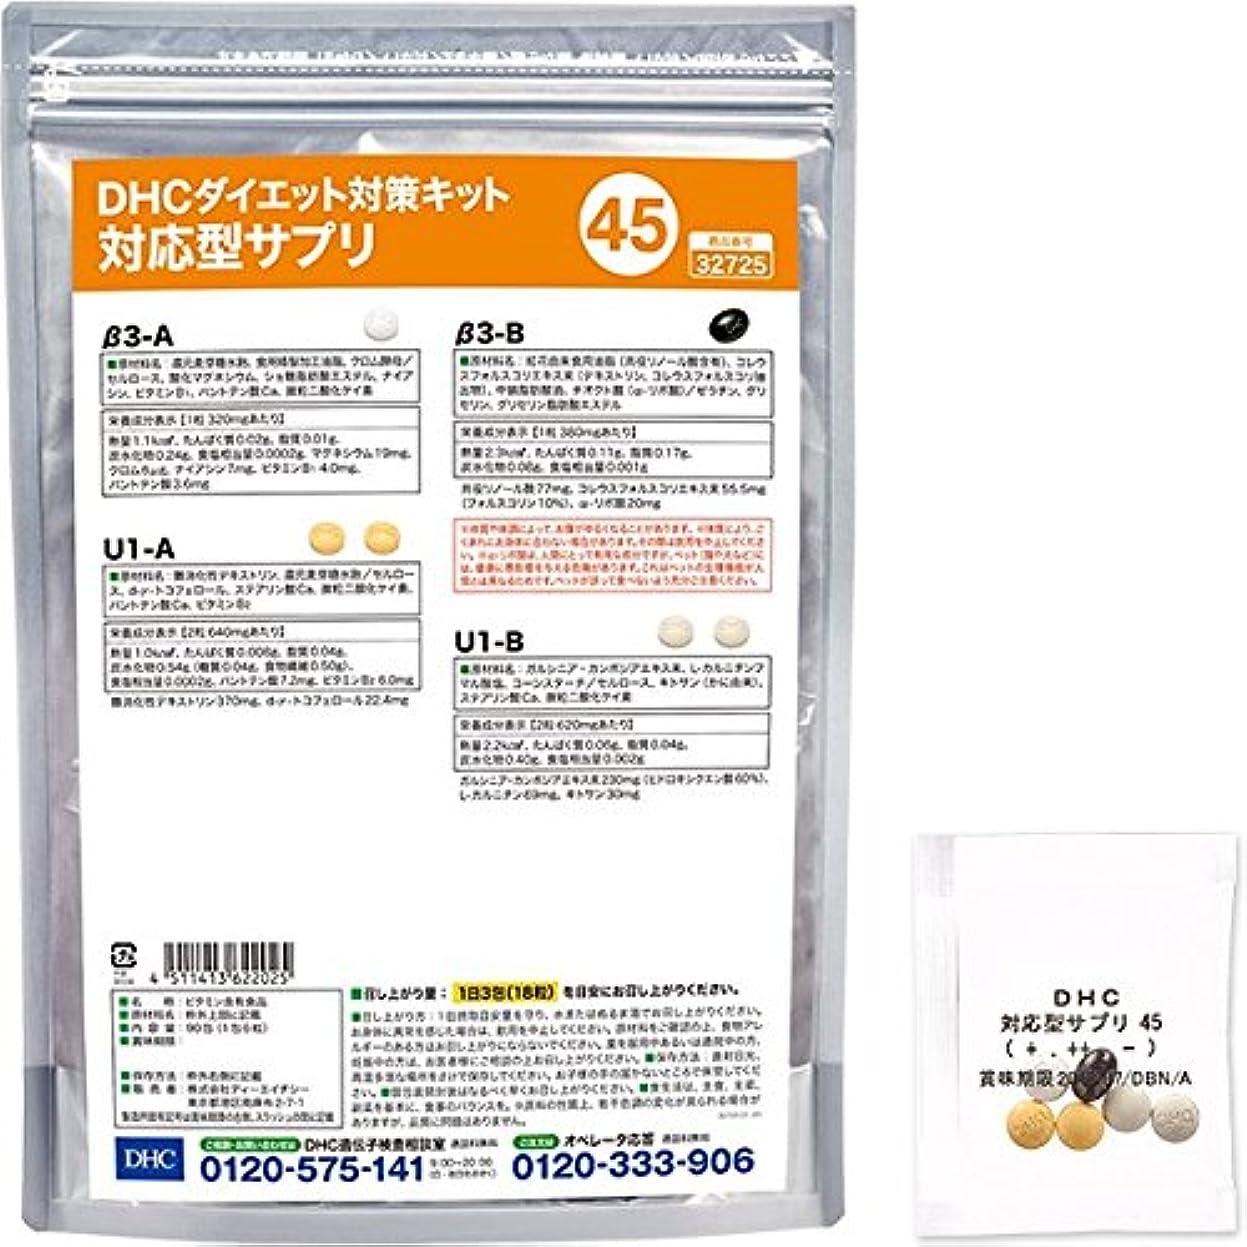 インセンティブ影のある論理的にDHCダイエット対策キット対応型サプリ45